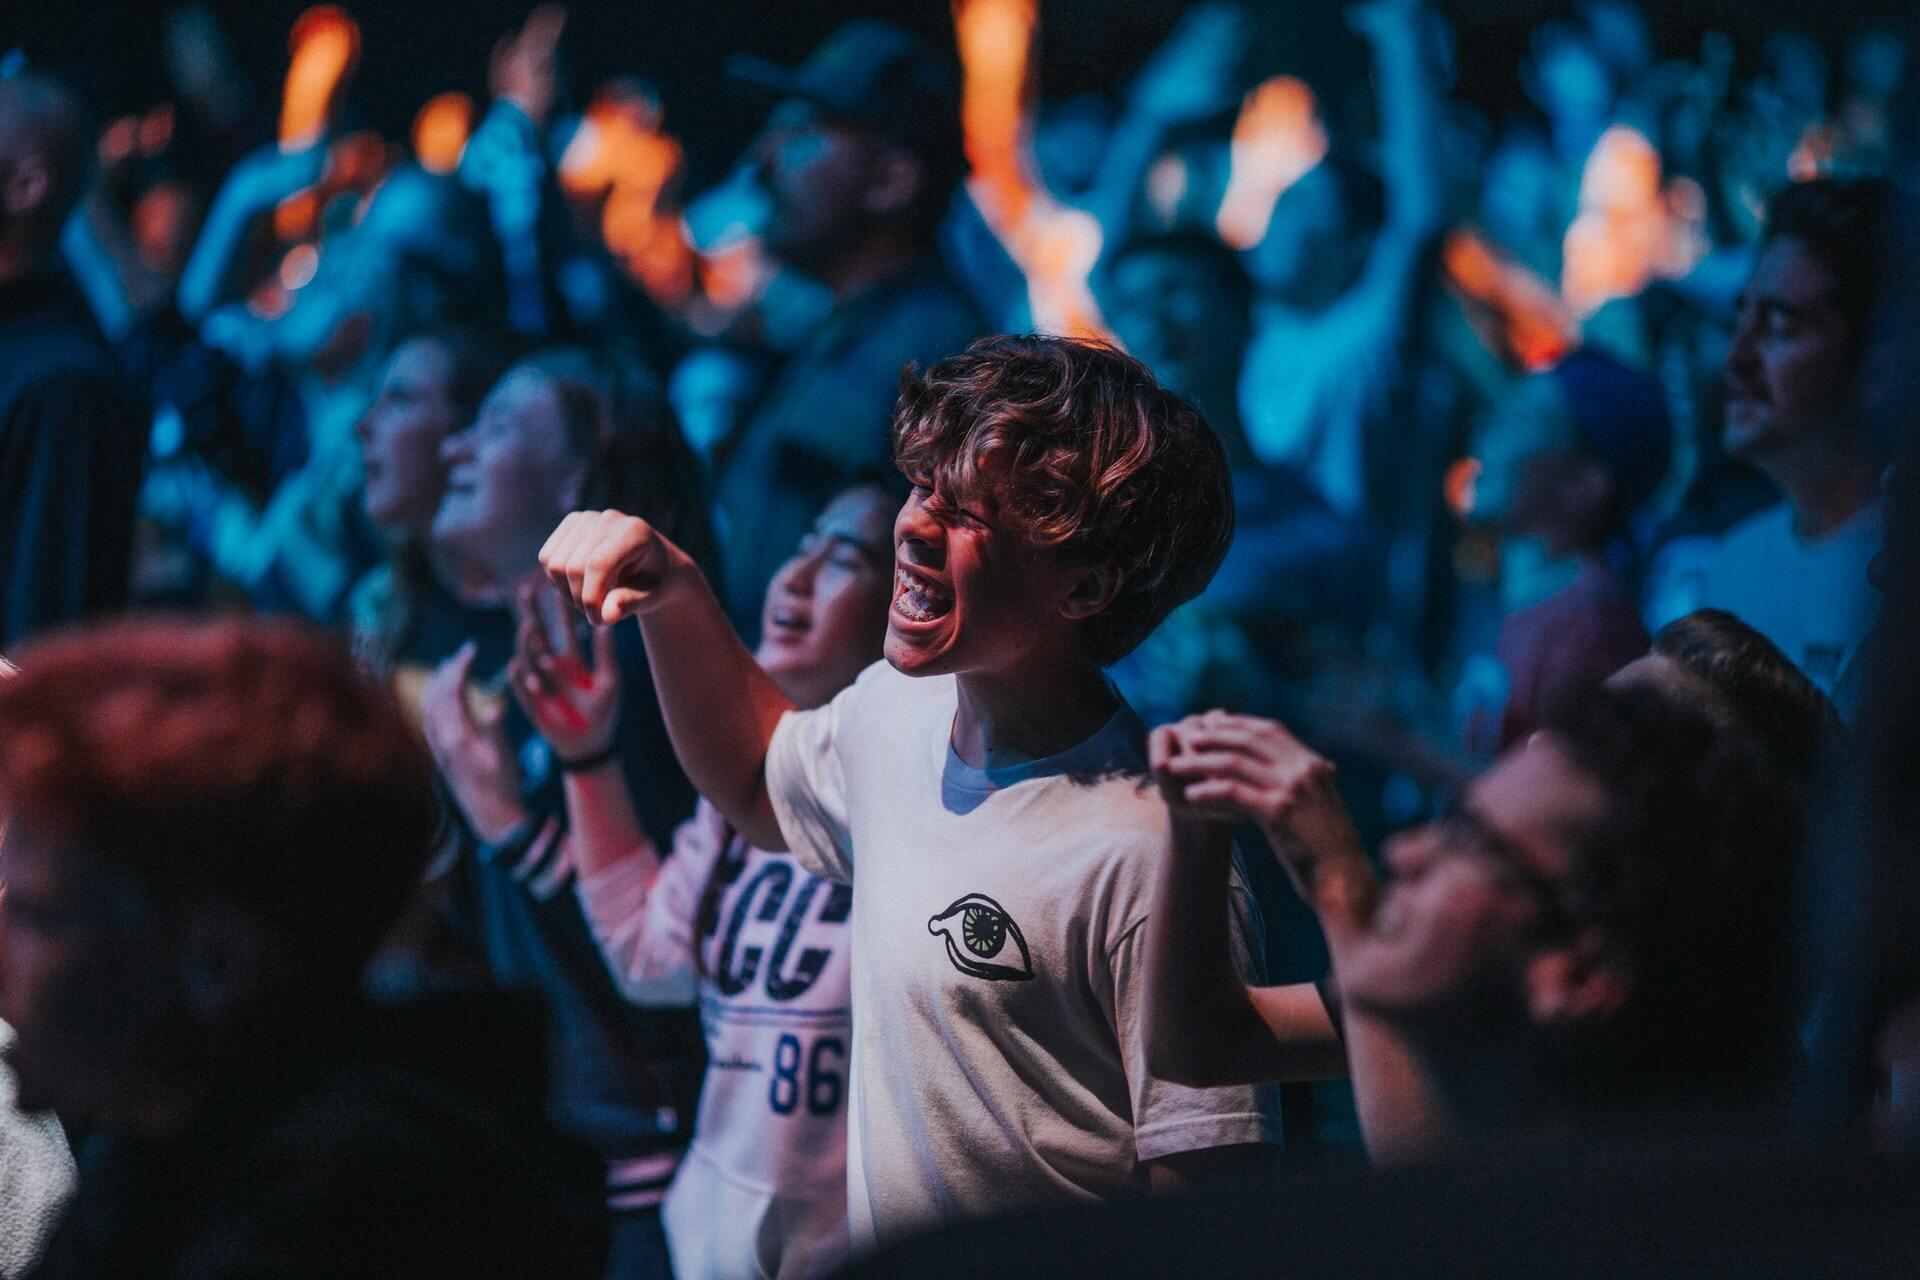 У День молоді проходять святкові заходи та концерти